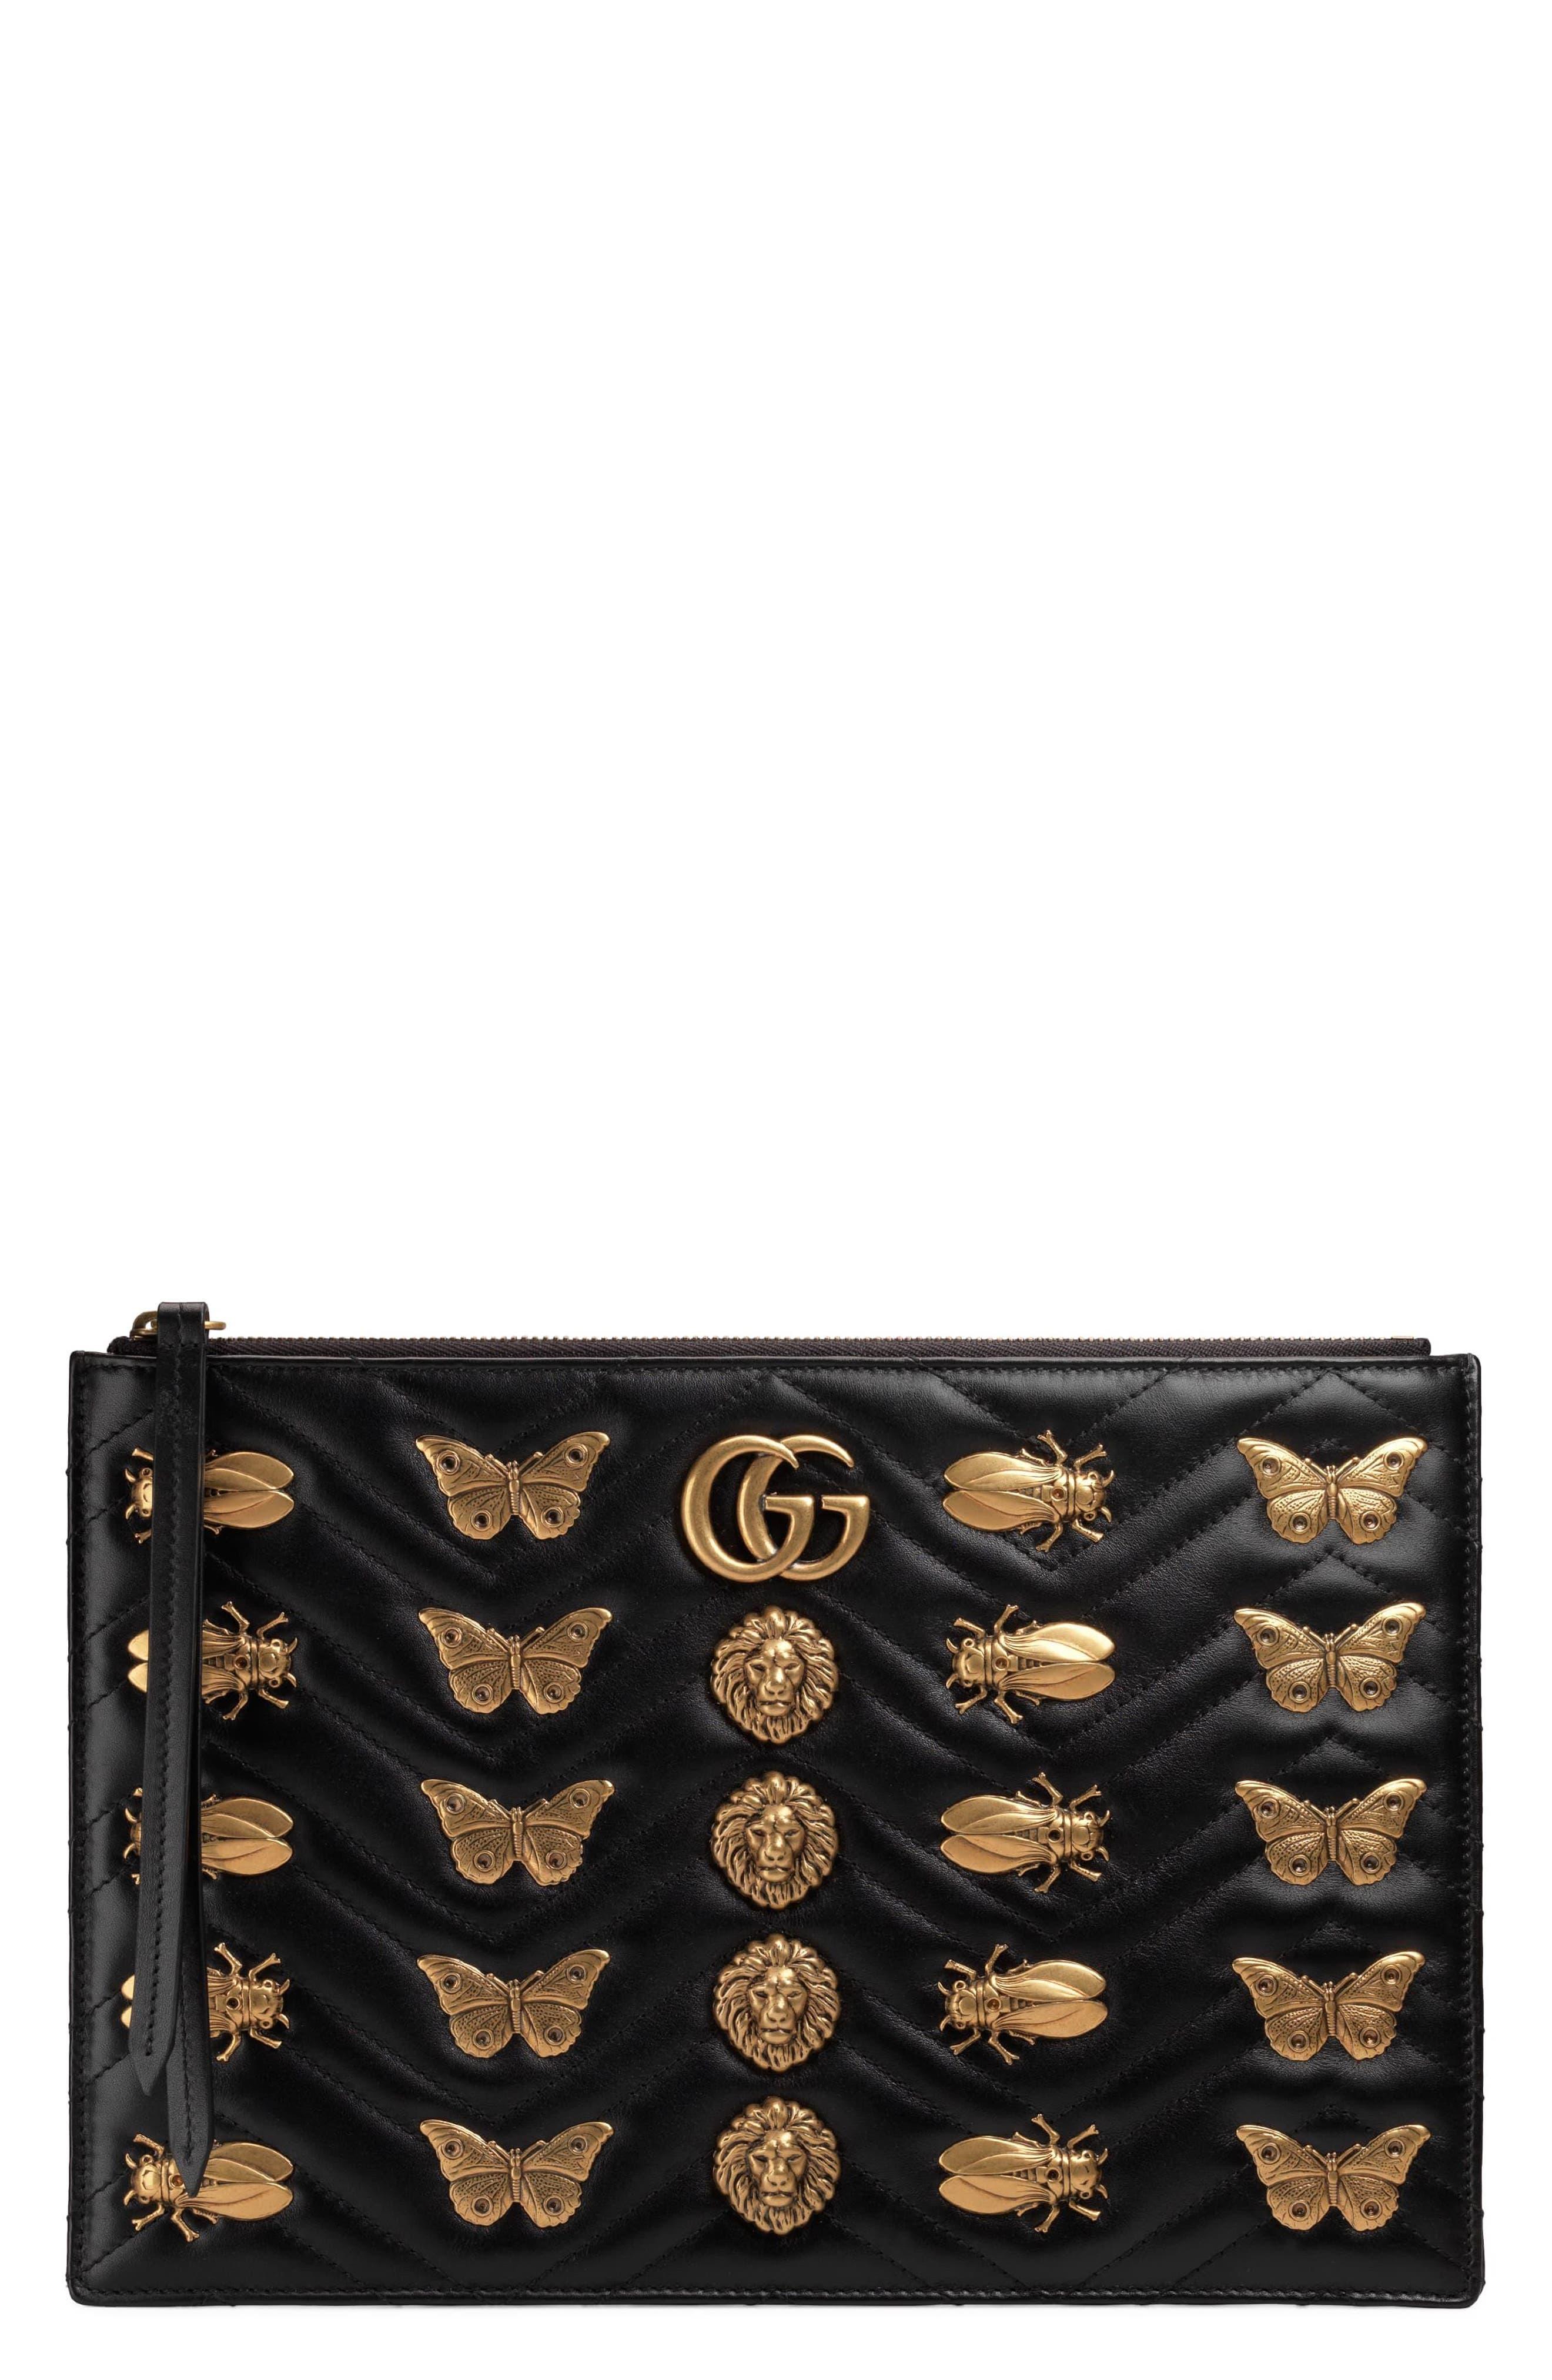 GG Marmont 2.0 Animal Stud Matelassé Leather Pouch,                             Main thumbnail 1, color,